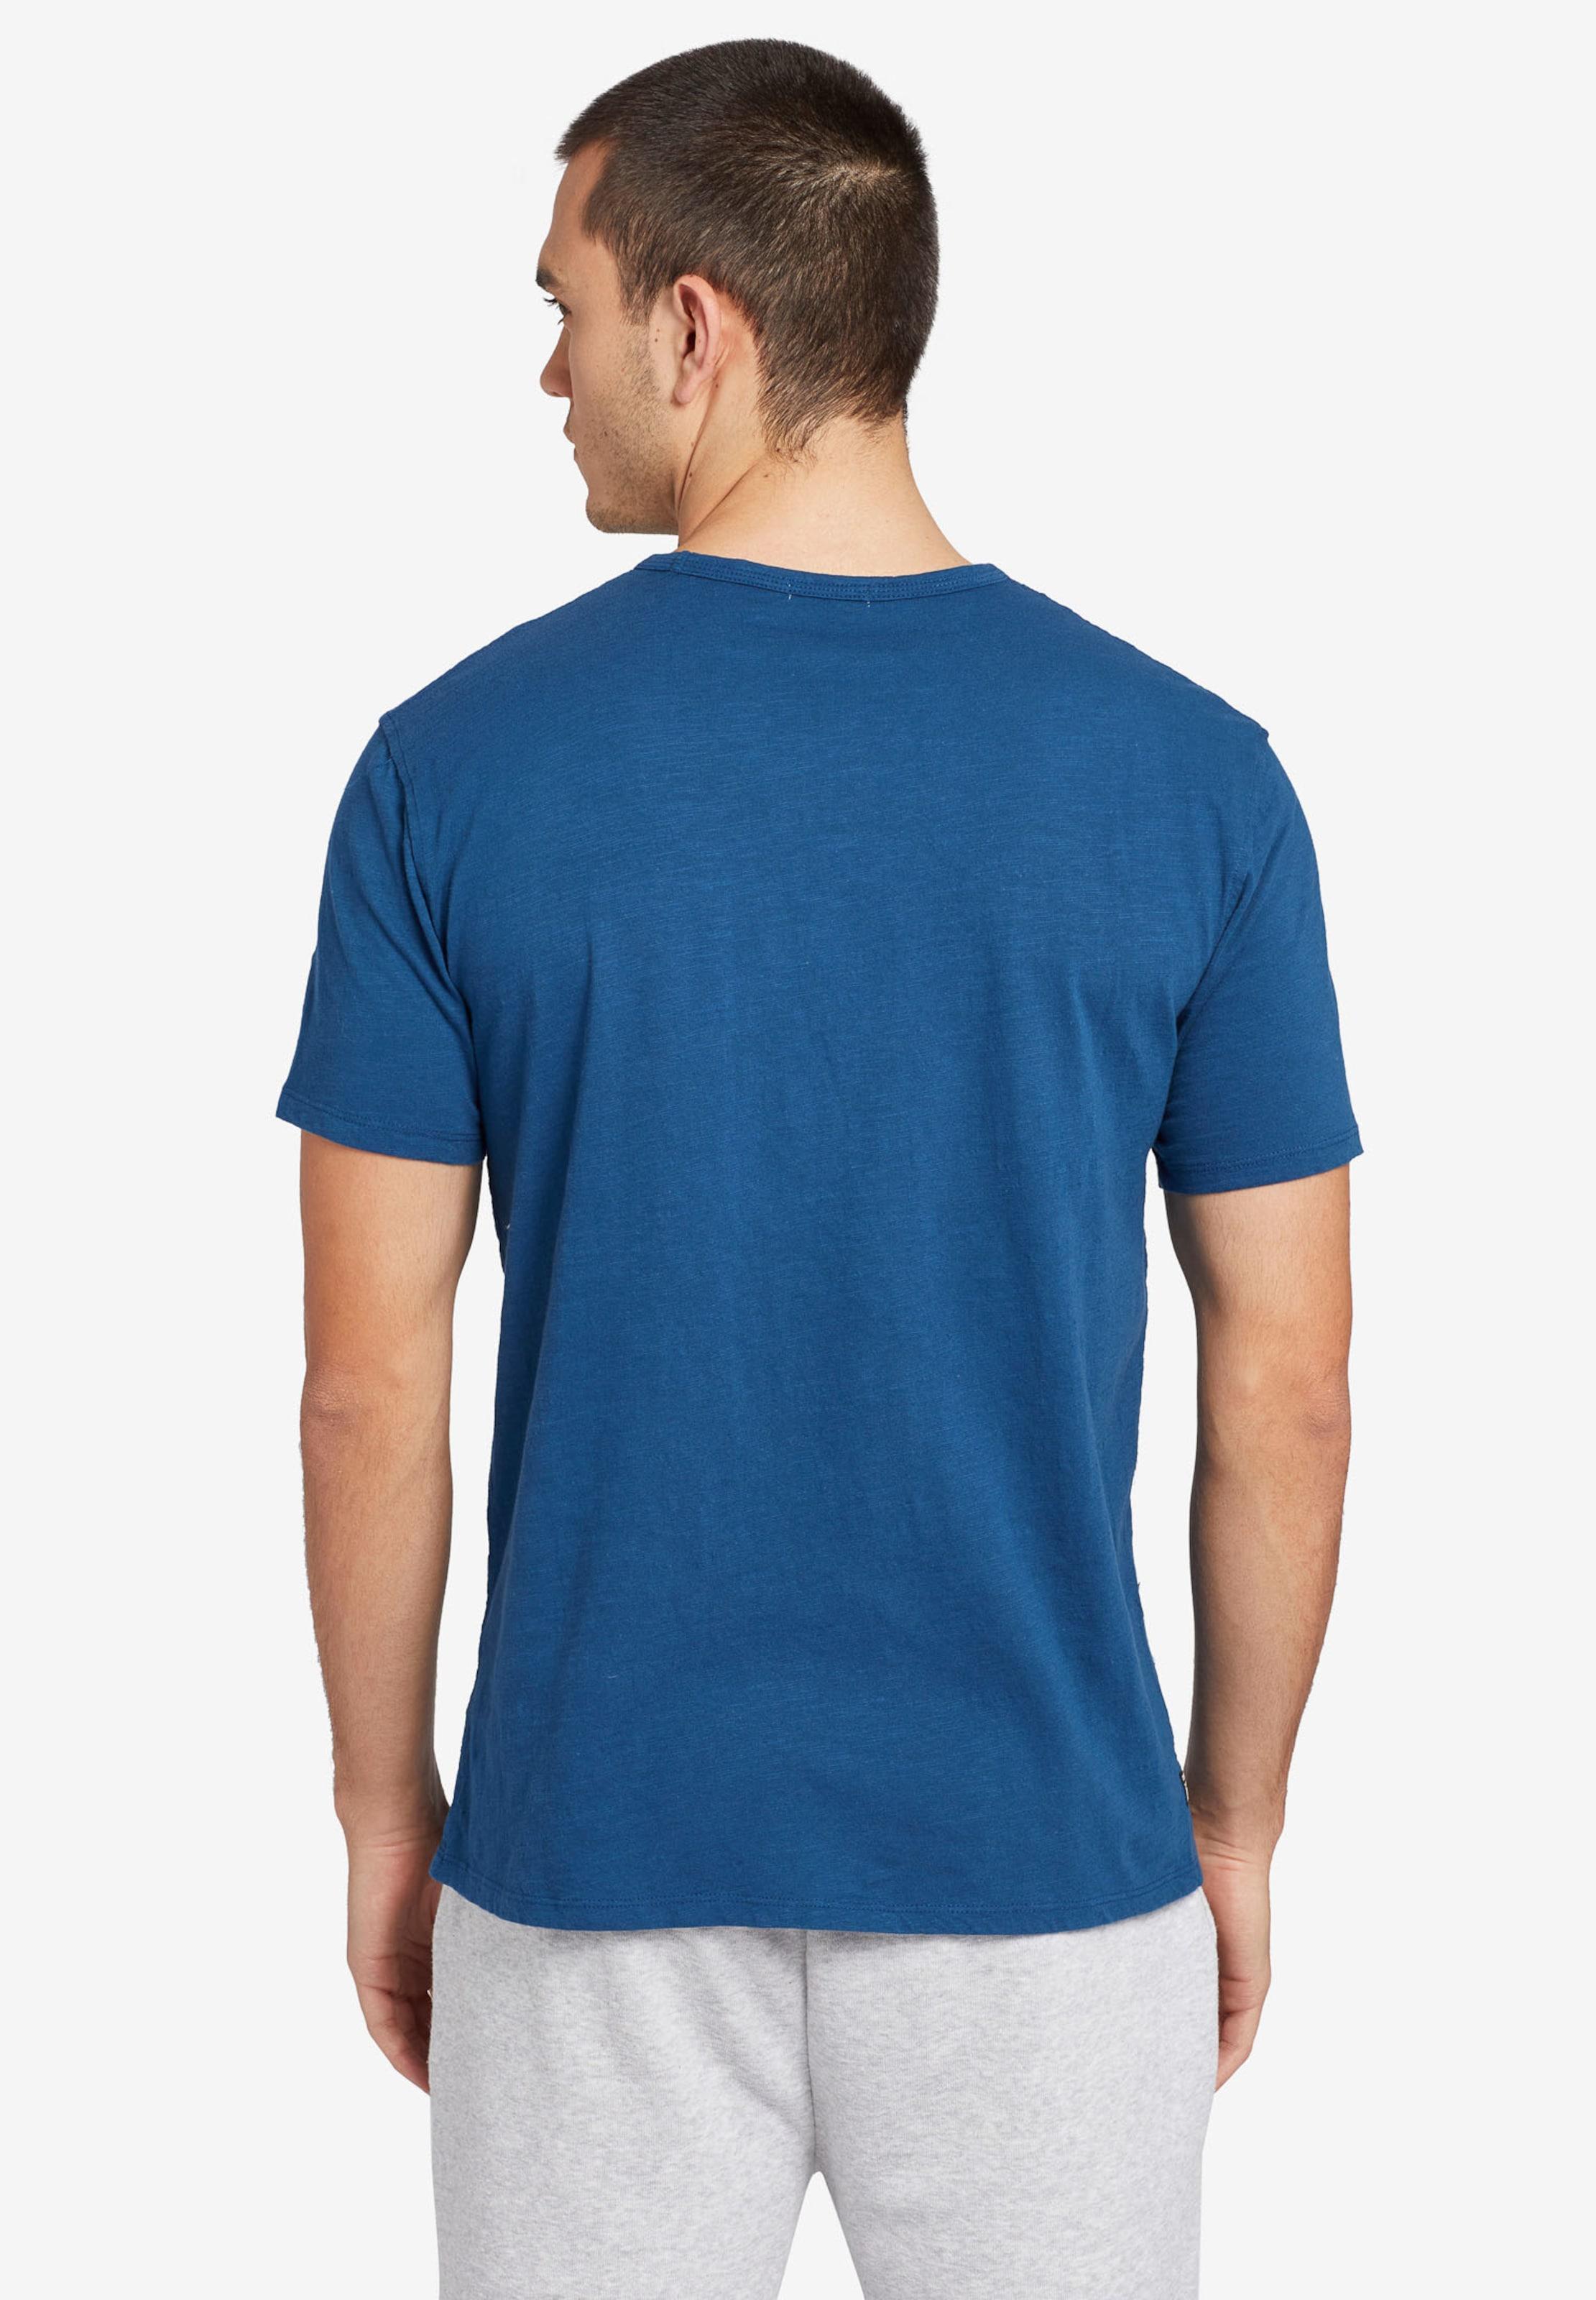 Khujo In Blau Finn' ' T shirt WDH2Y9EI